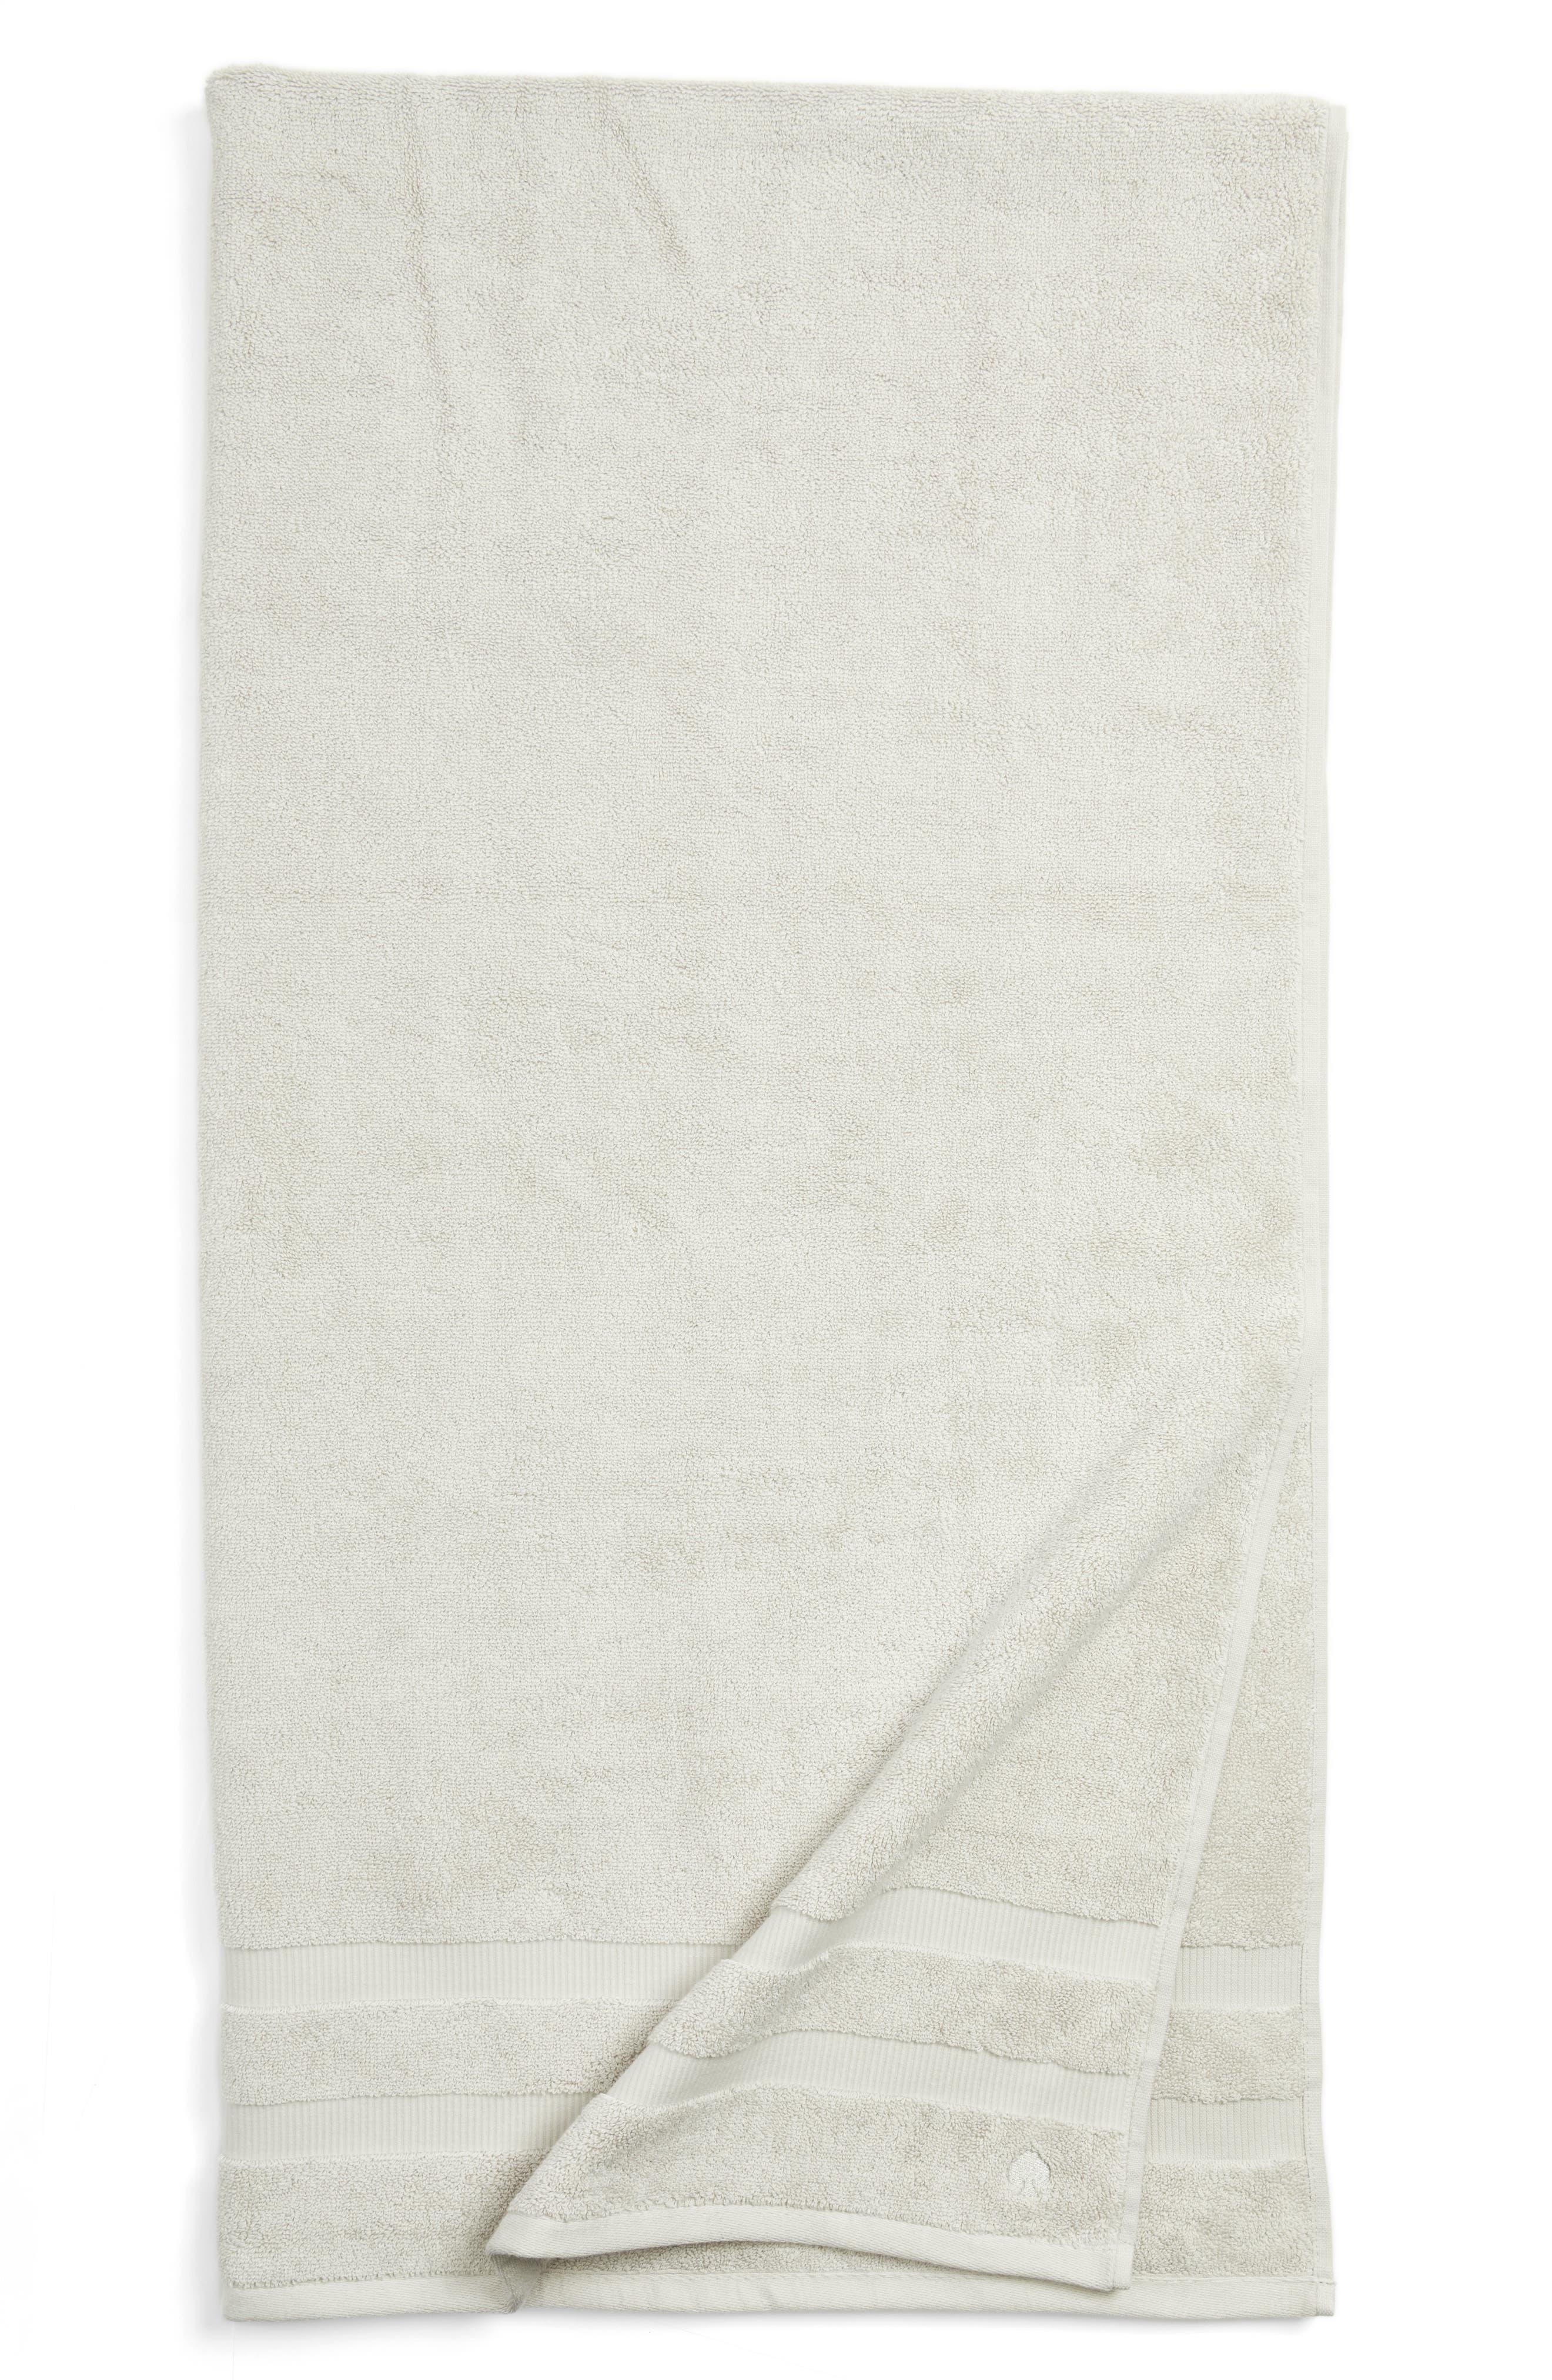 'chattam' stripe bath sheet,                             Main thumbnail 1, color,                             Platinum